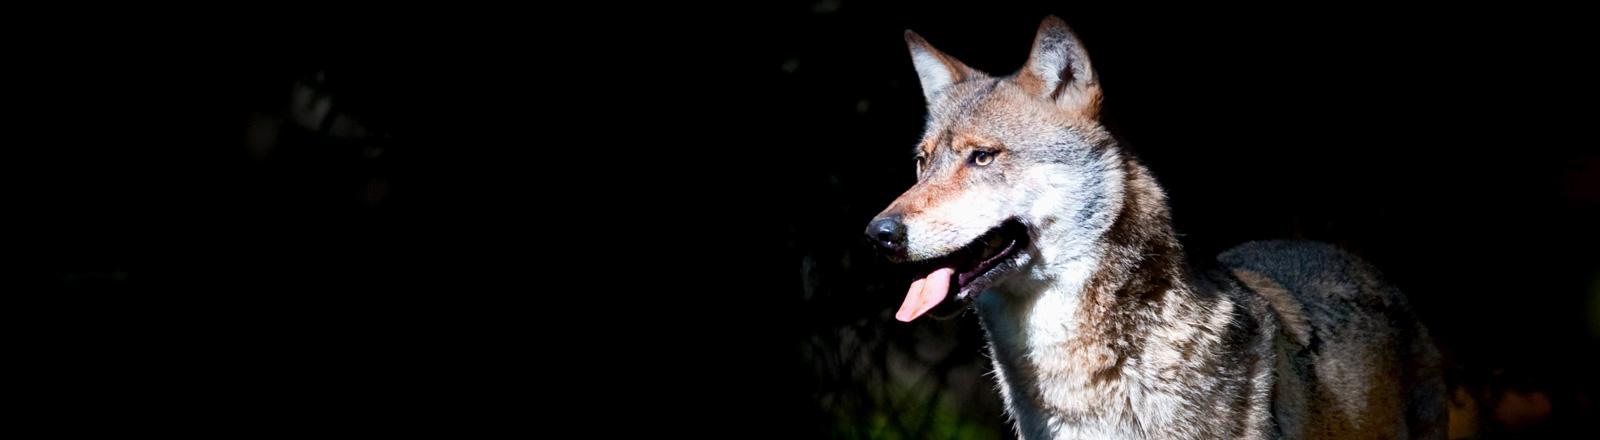 Ein freundlich dreinschauender Wolf lässt die Zunge aus dem Maul hängen; Bild: dpa